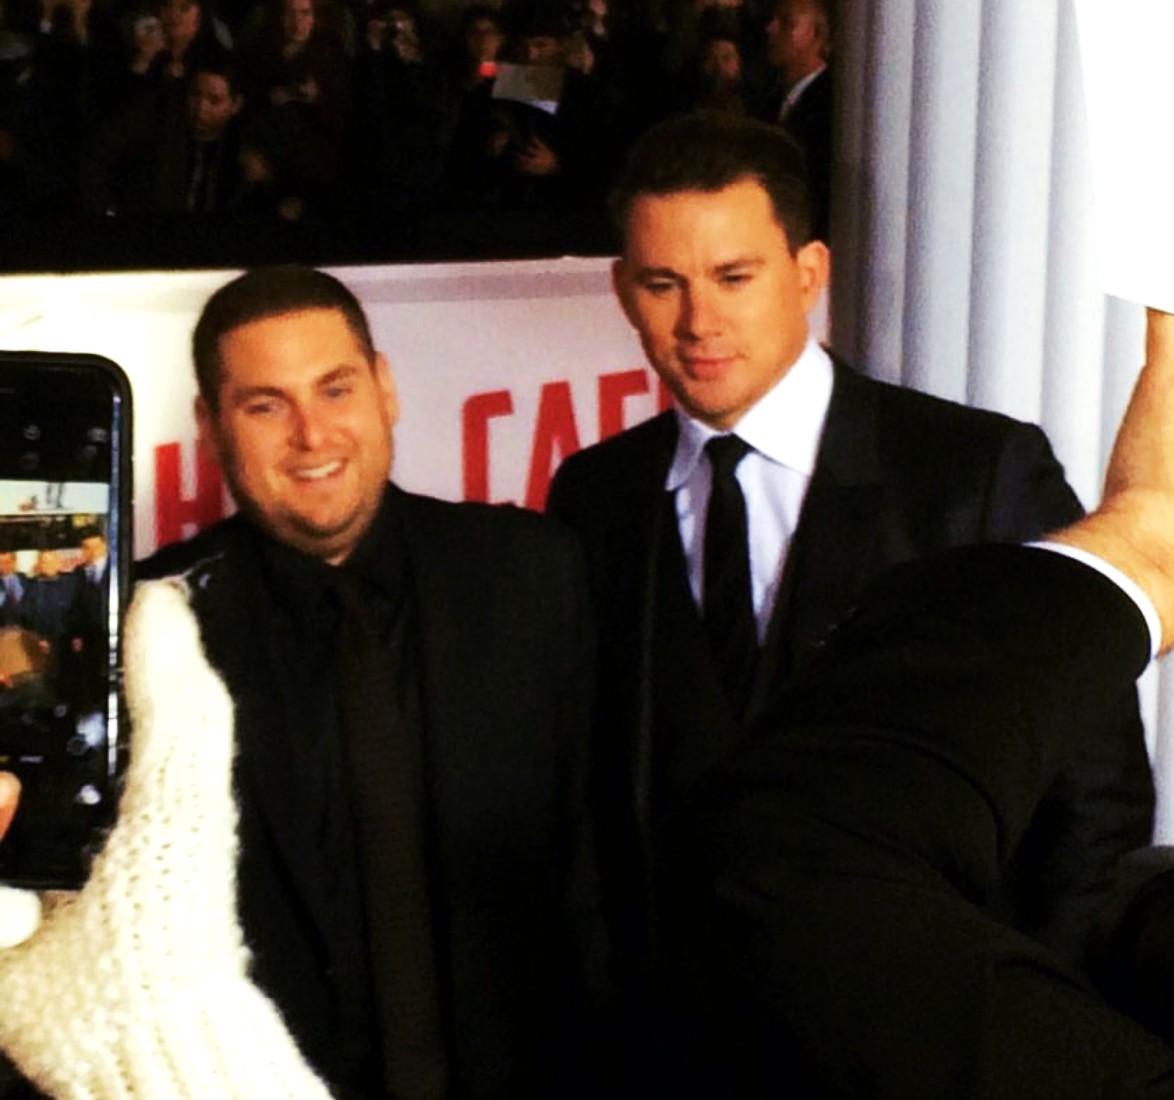 Hail Caesar, movie premiere, Jonah Hill, Channing Tatum